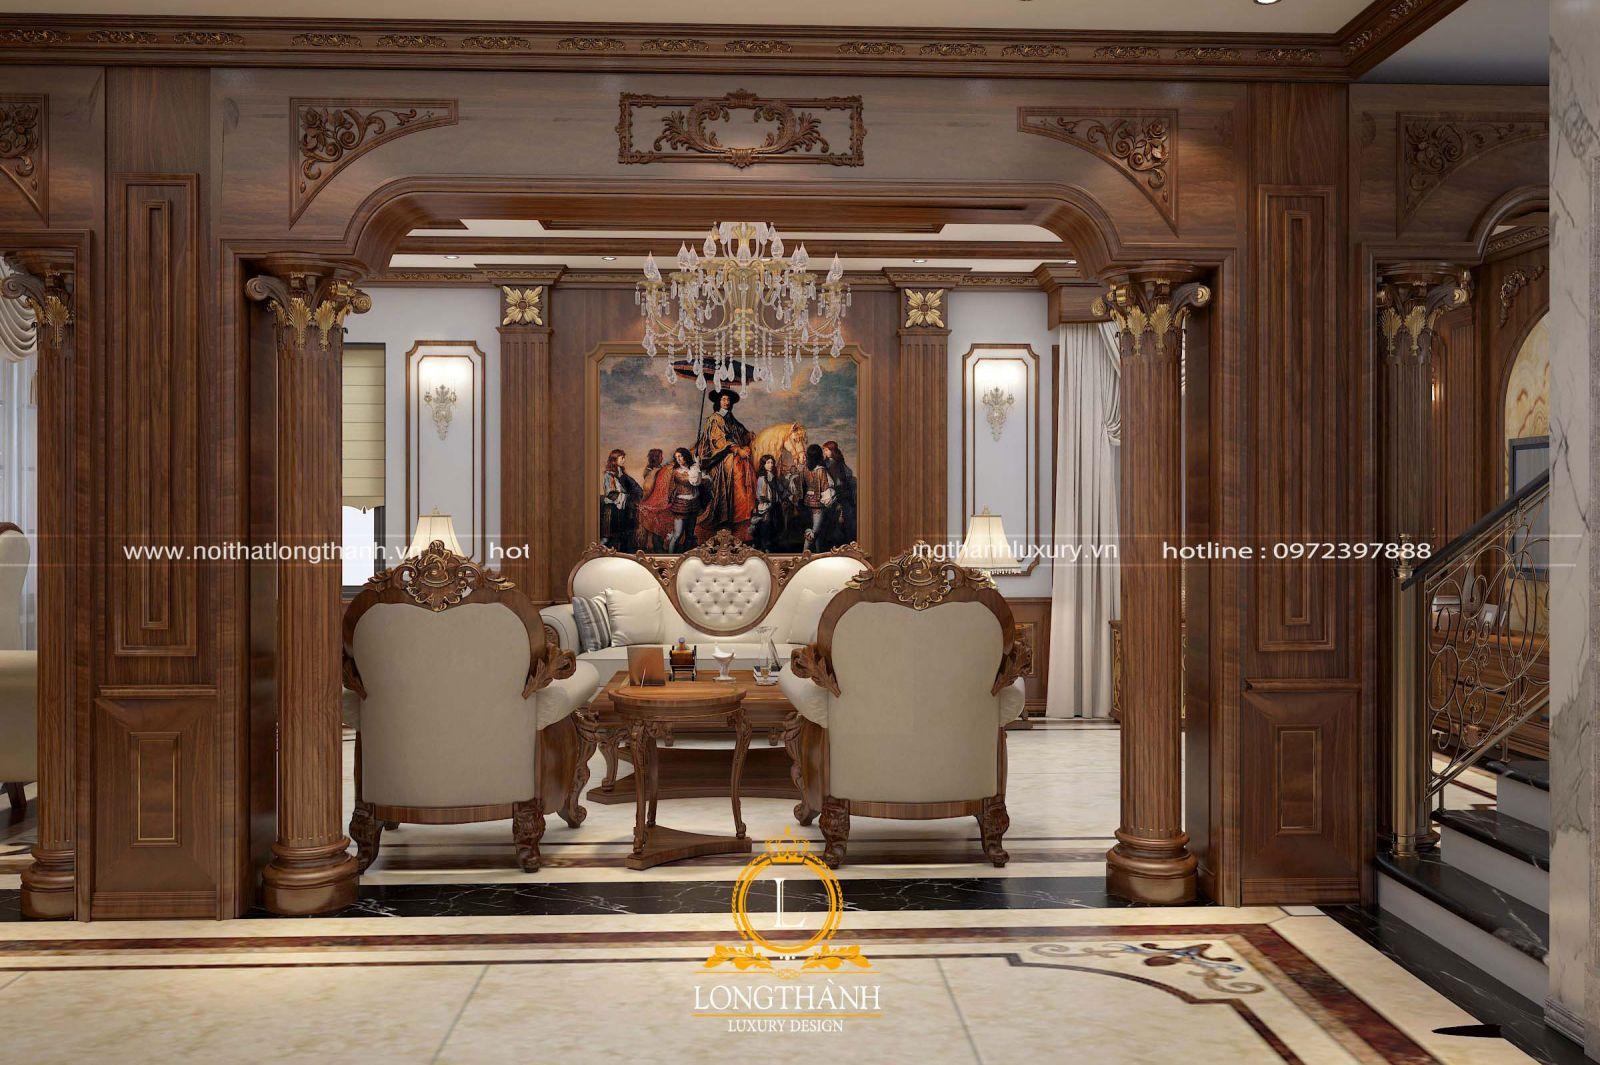 Kết hợp kiến trúc để thiết kế nội thất tân cổ điển cho phòng khách nhà biệt thự